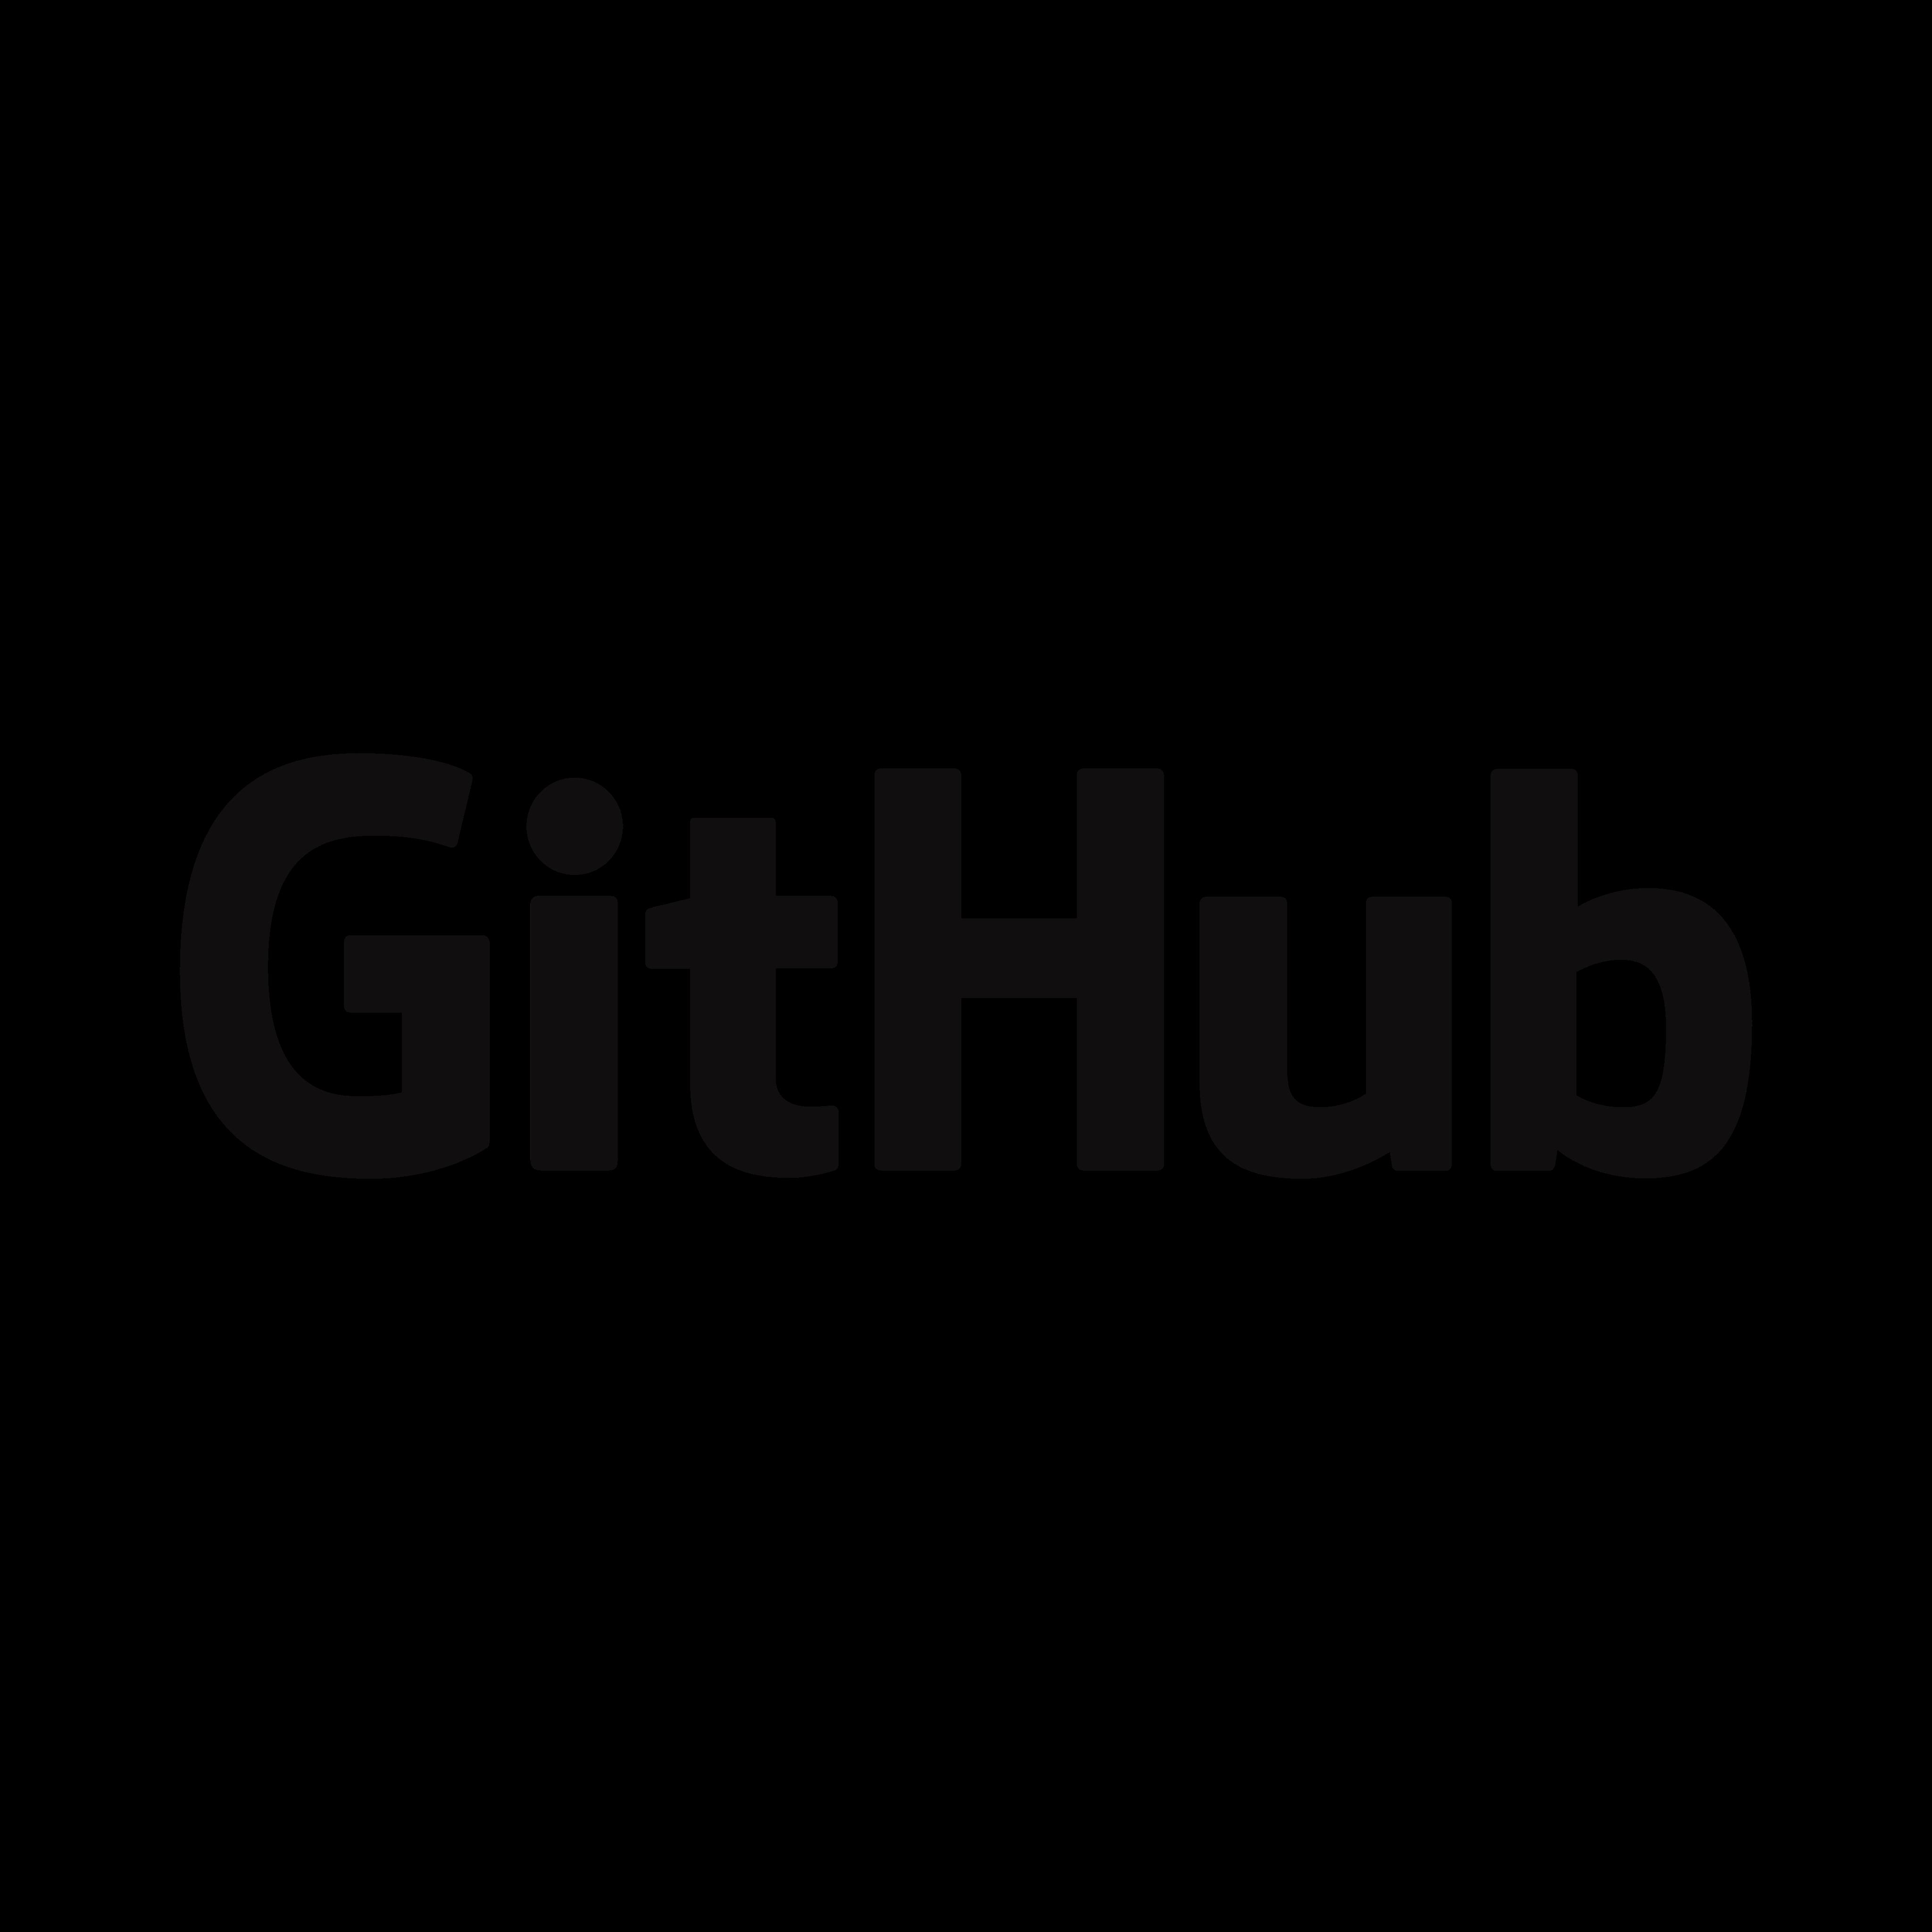 github logo 0 - Github Logo